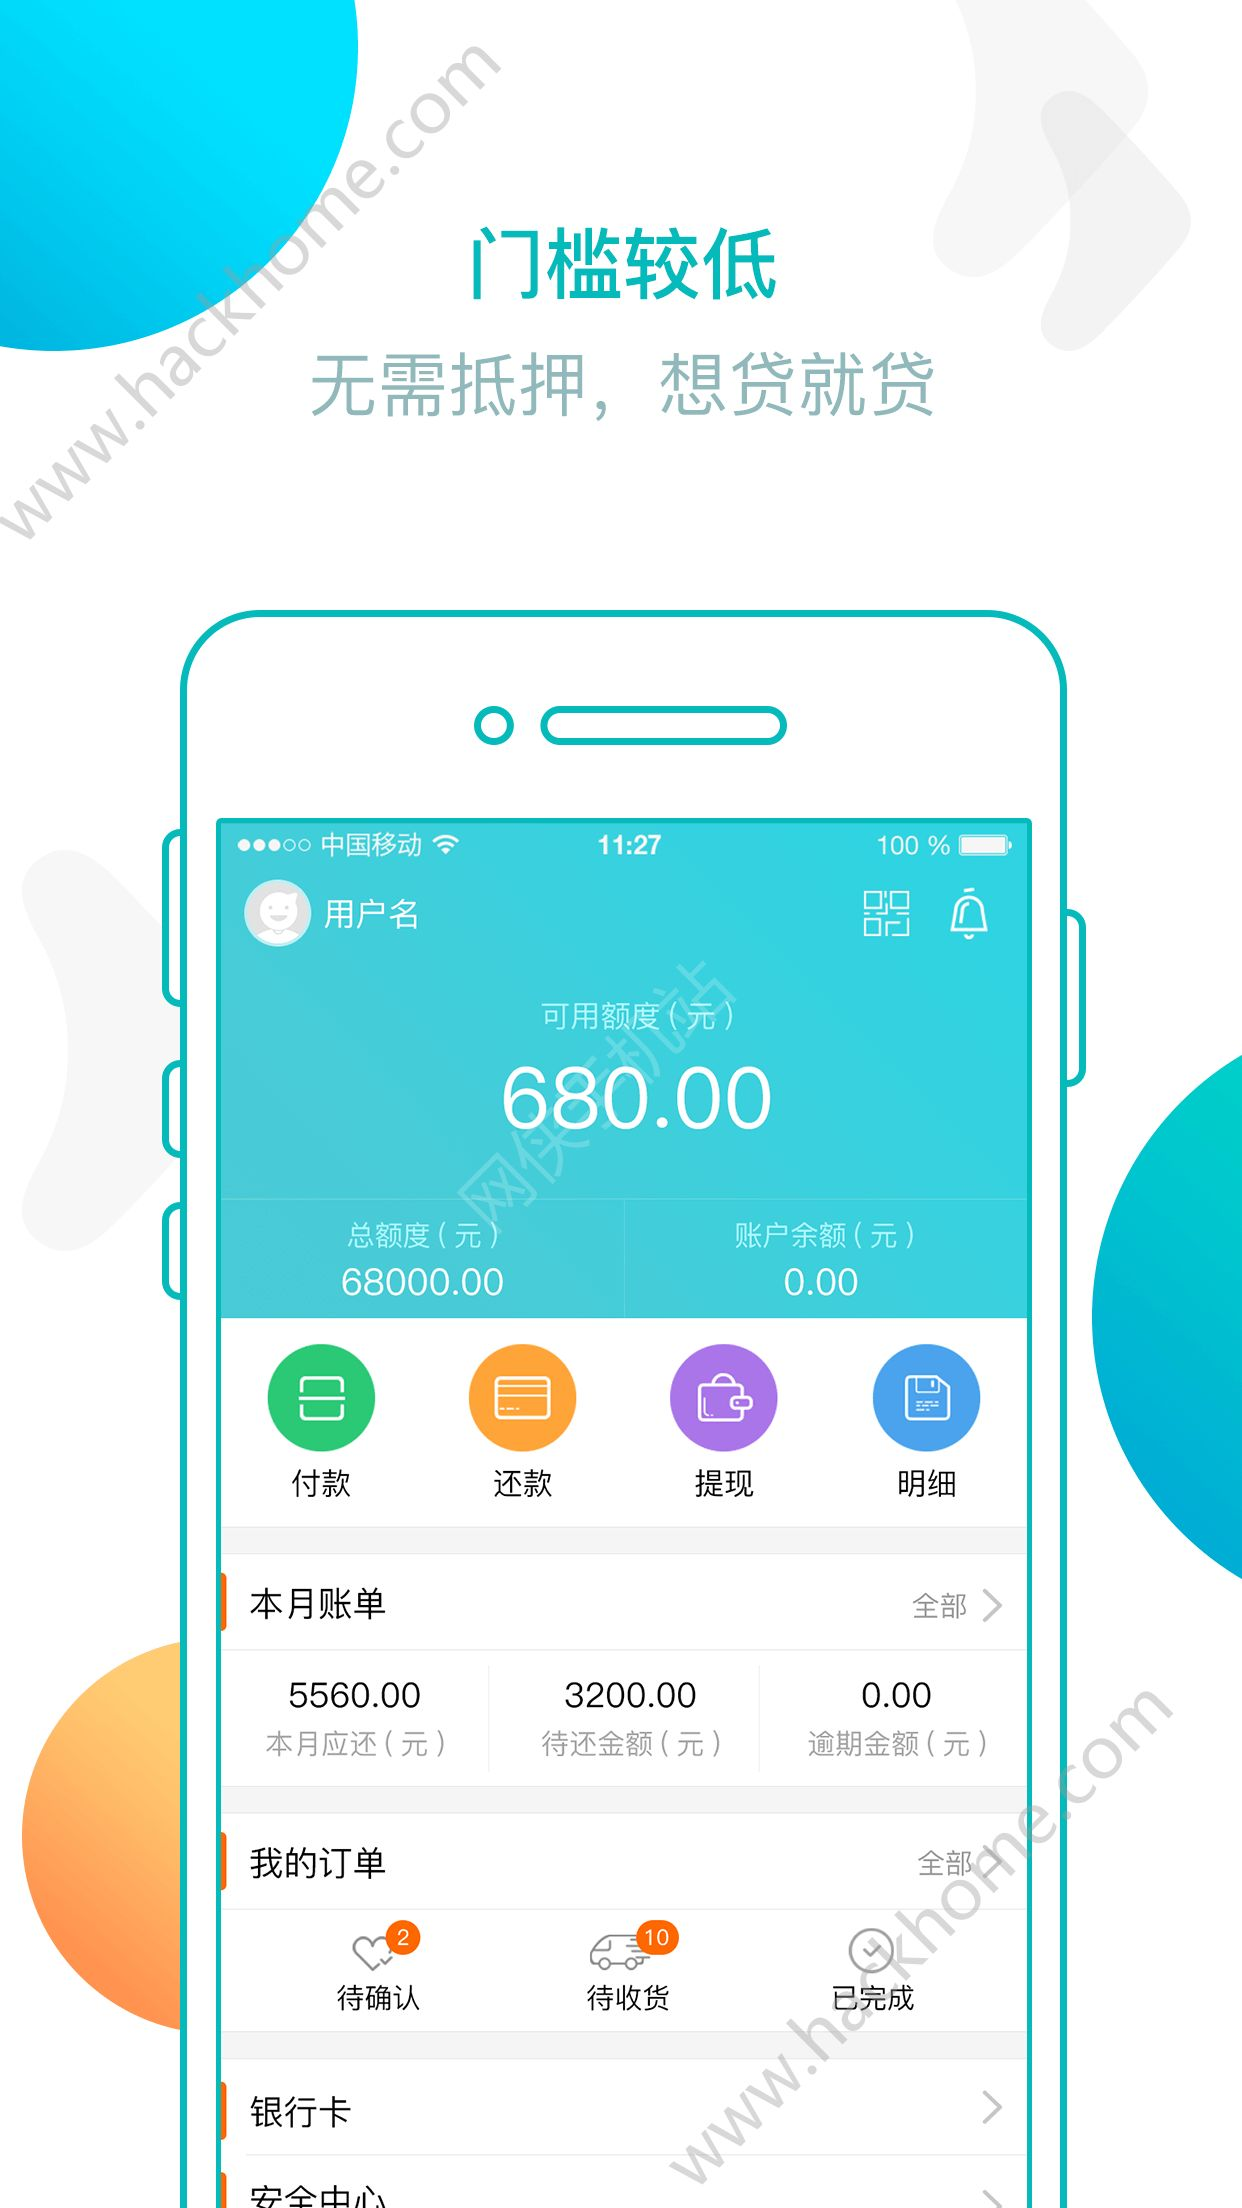 多享借点贷款官网app下载手机版图4: